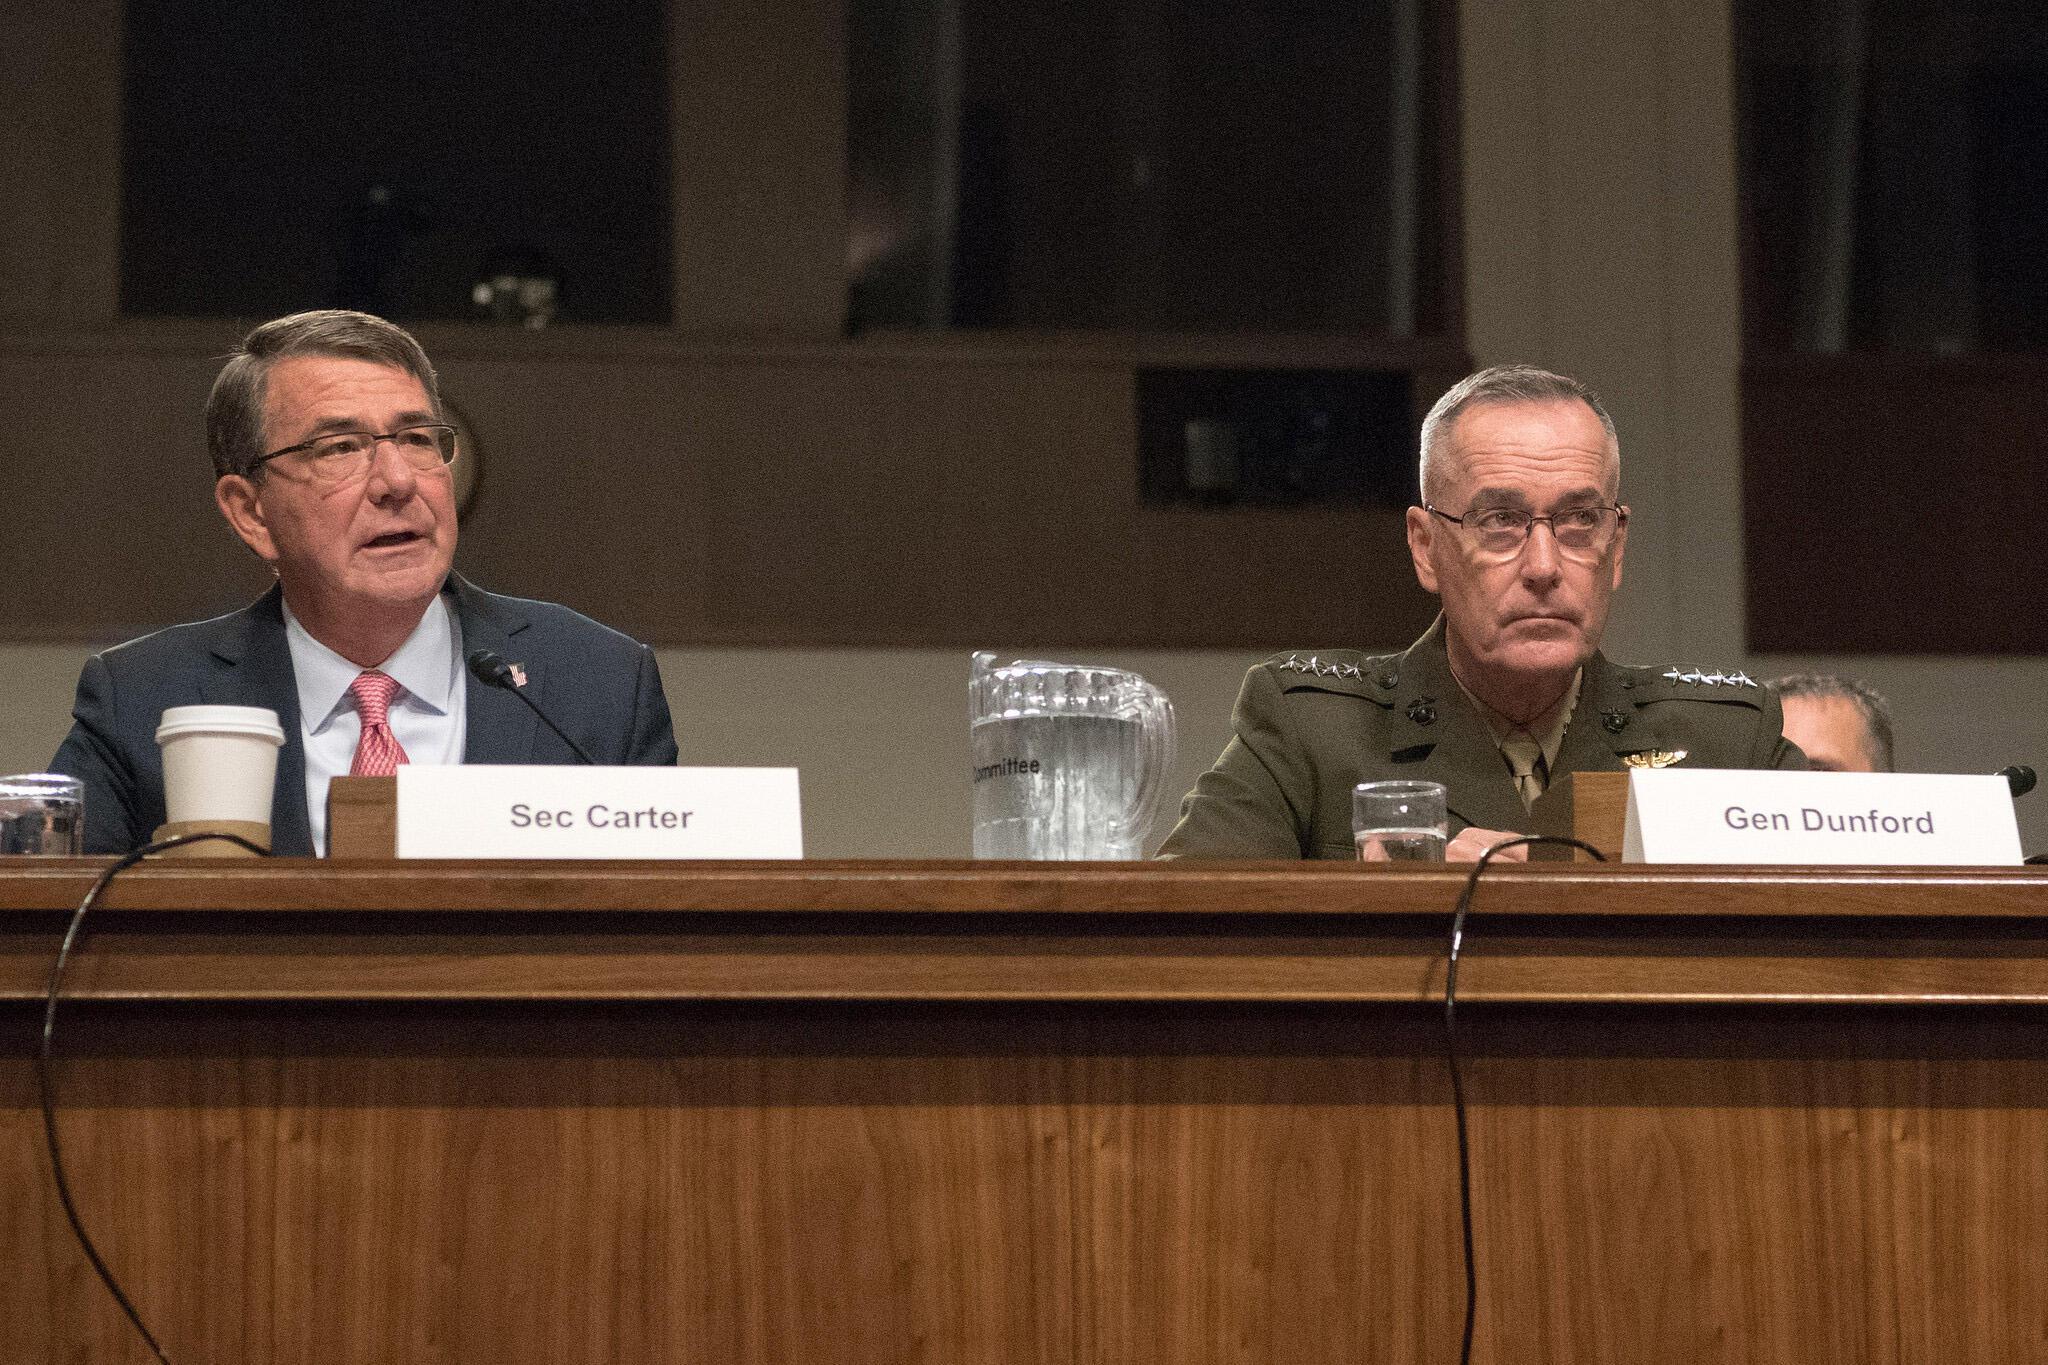 Bộ trưởng Quốc Phòng Mỹ Carter Ashton (T) và tướng Joe Dunford, tham mưu trưởng liên quân Mỹ, trong cuộc điều trần tại Thượng viện, Washington, ngày 22/09/2016